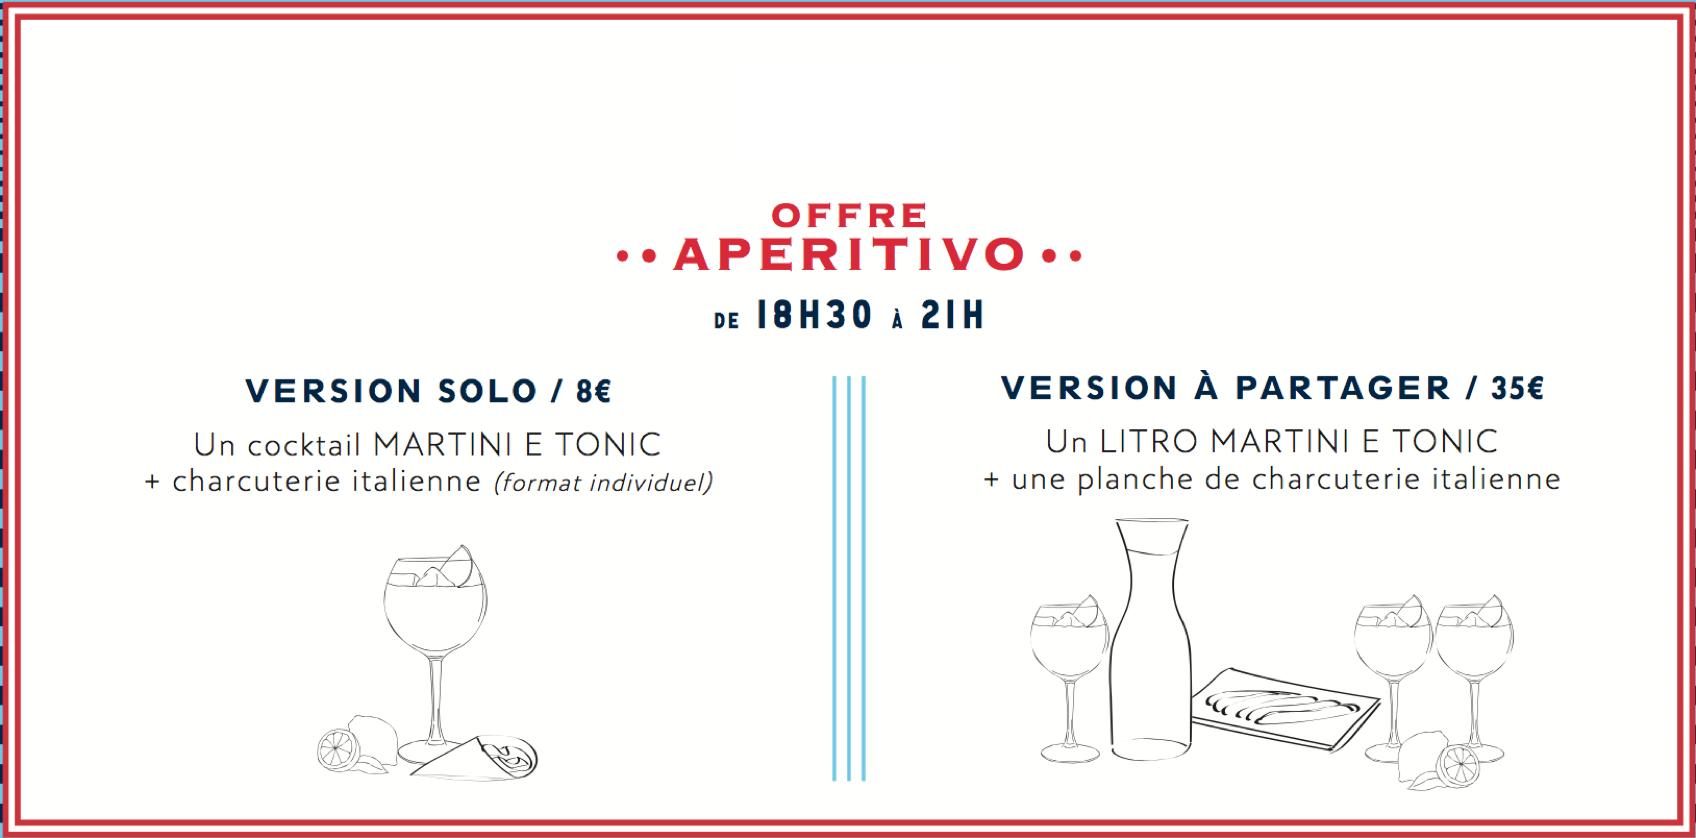 materrazza_offre_aperitivo